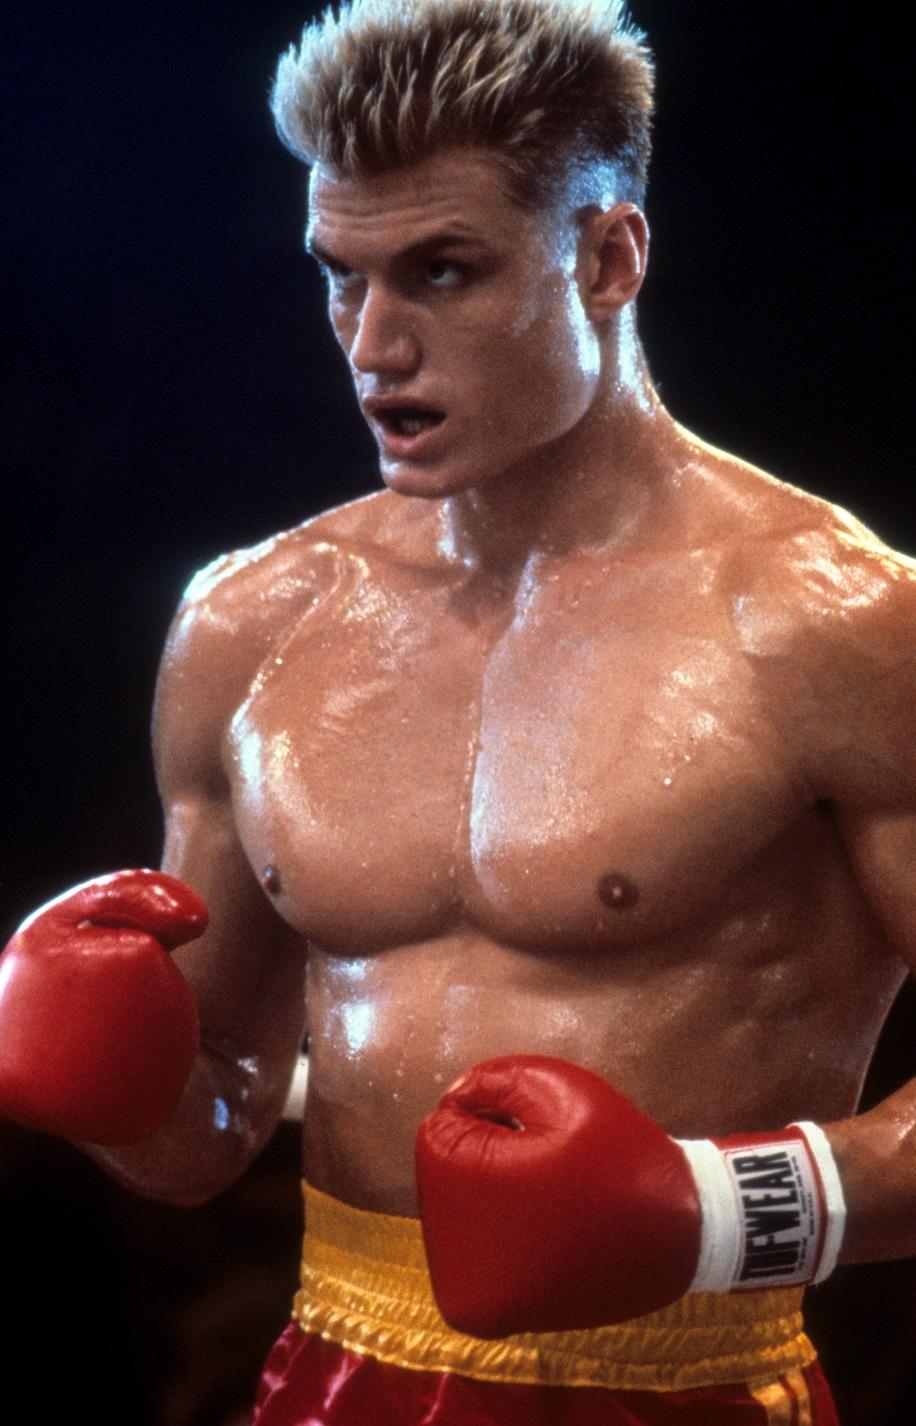 Este era el aspecto de Lundgren cuando actuó en 'Rocky' | Getty Images